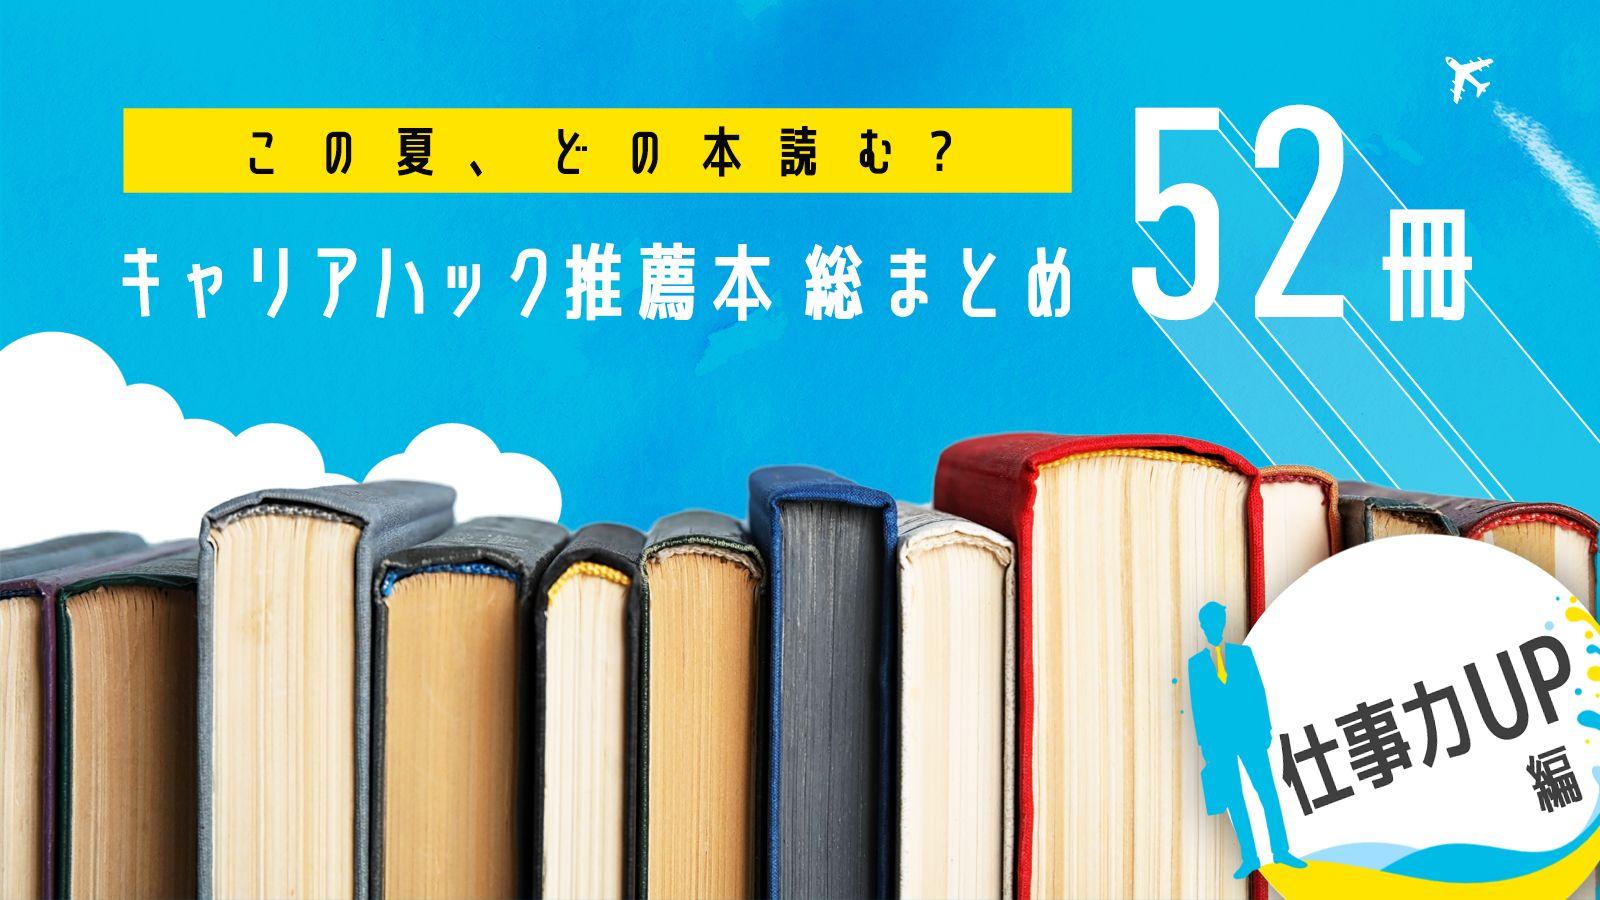 仕事力アップに、おすすめ本はこれ!キャリアハック 推薦本【52冊】